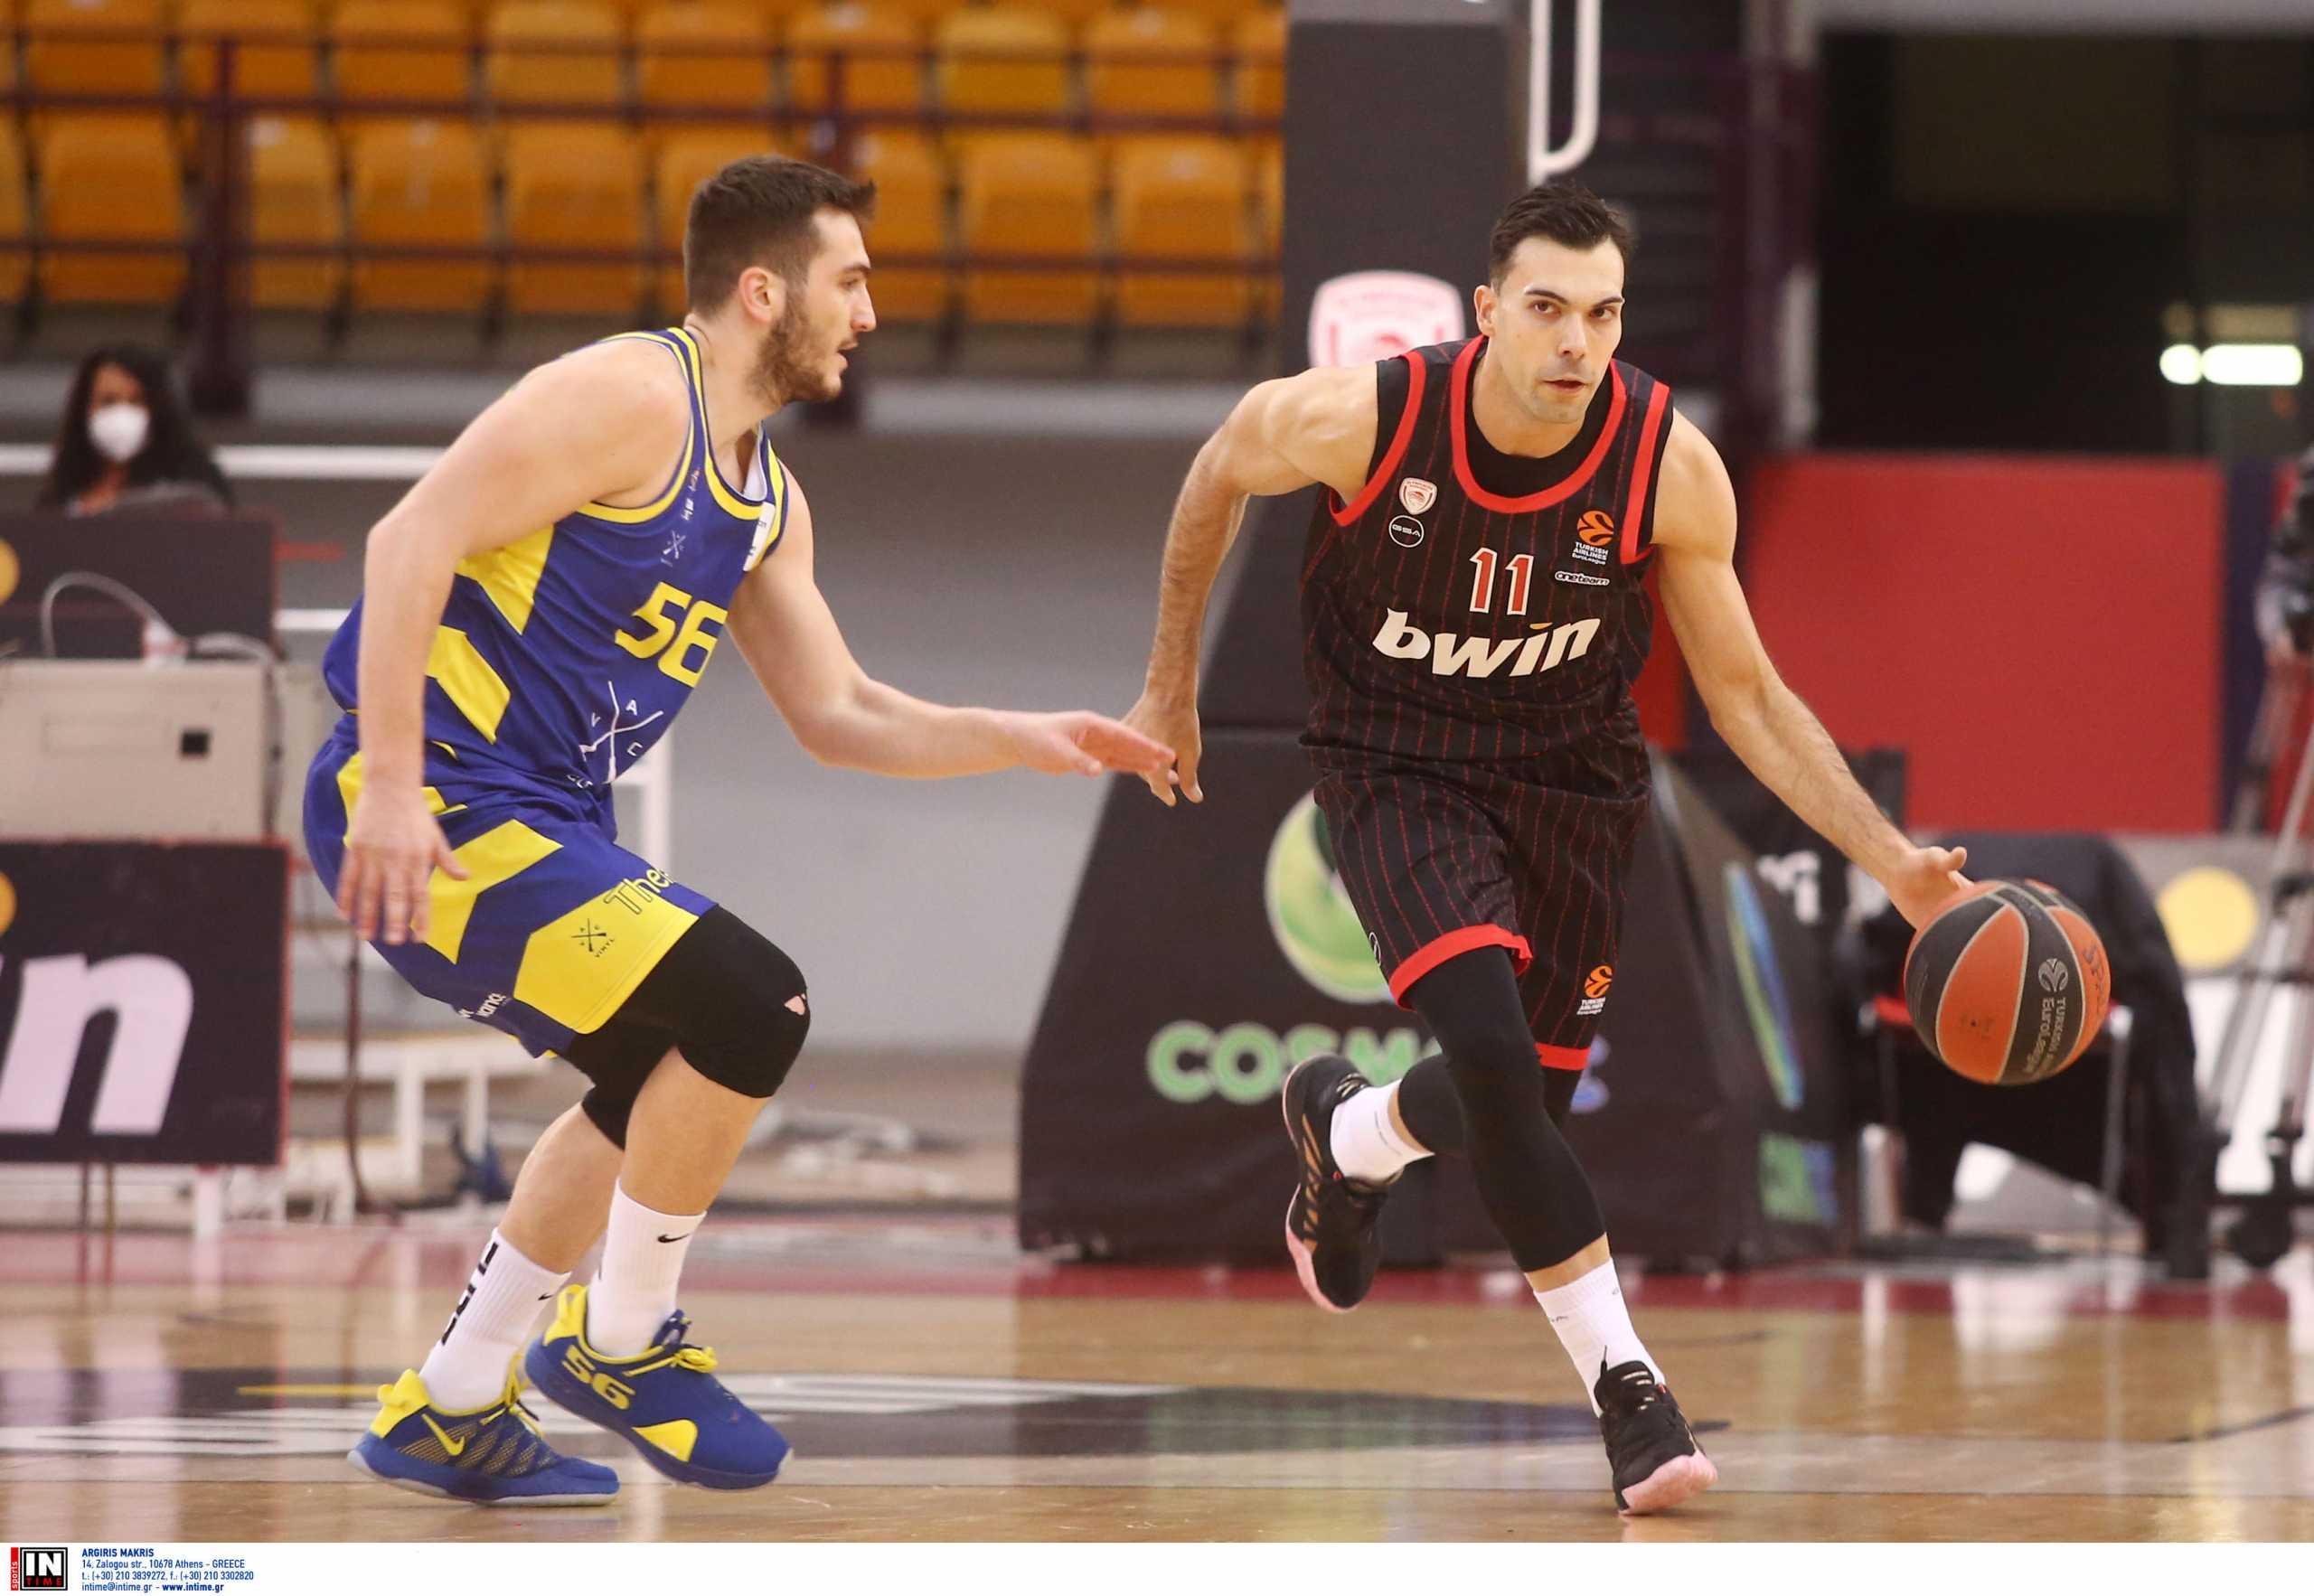 Ο Ολυμπιακός επιστρέφει στη Basket League τη νέα σεζόν